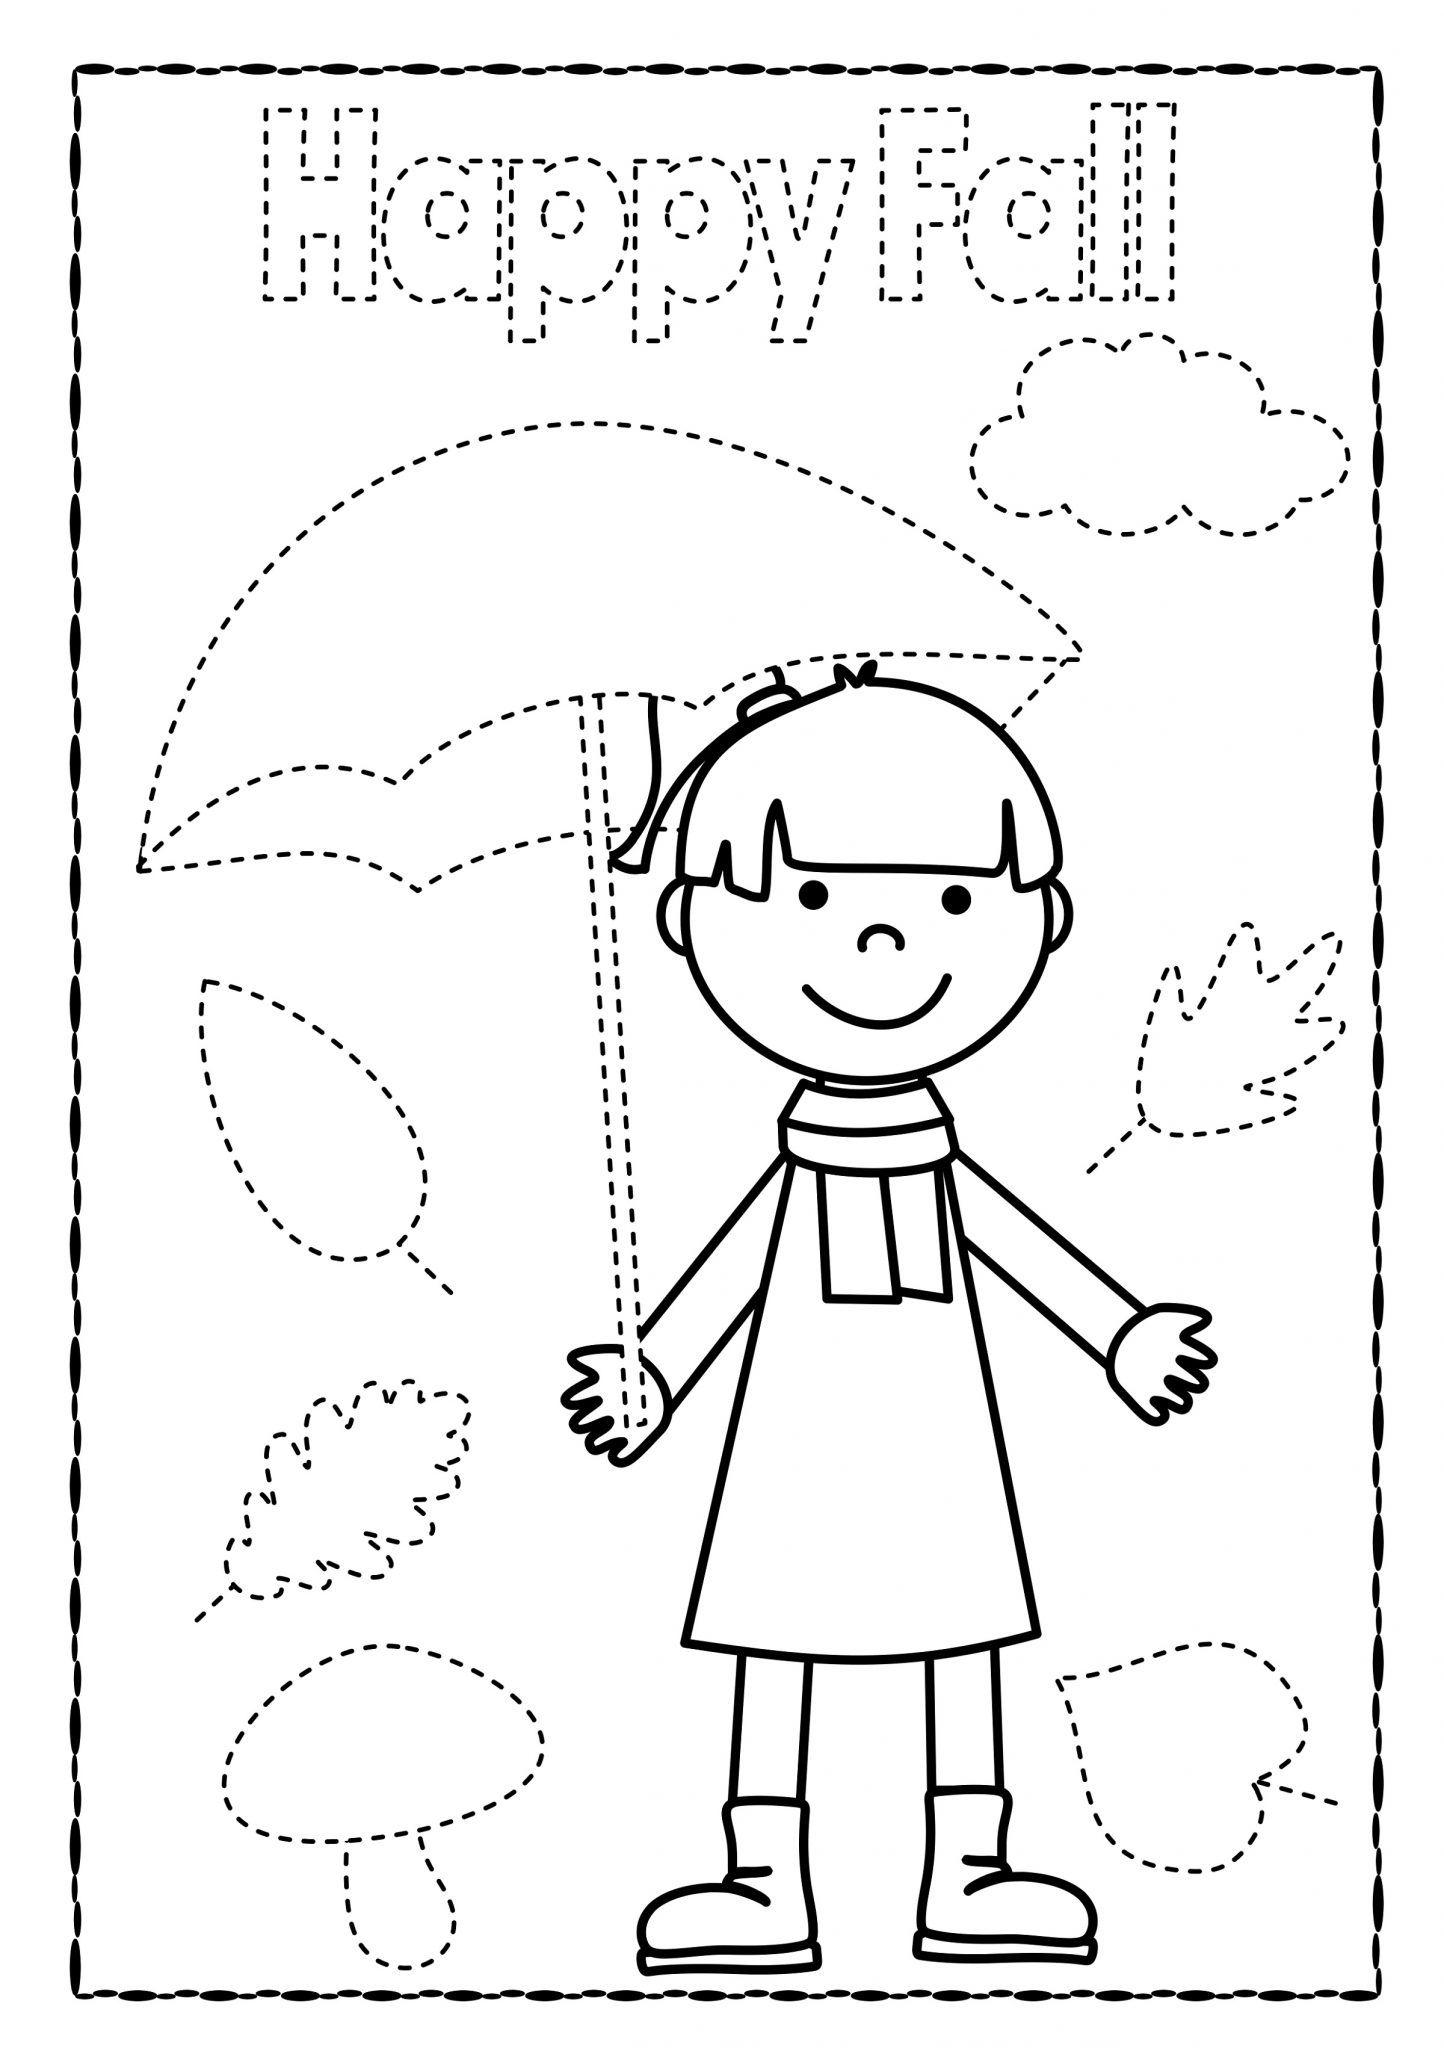 Alphabet Tracing Activities For Preschoolers